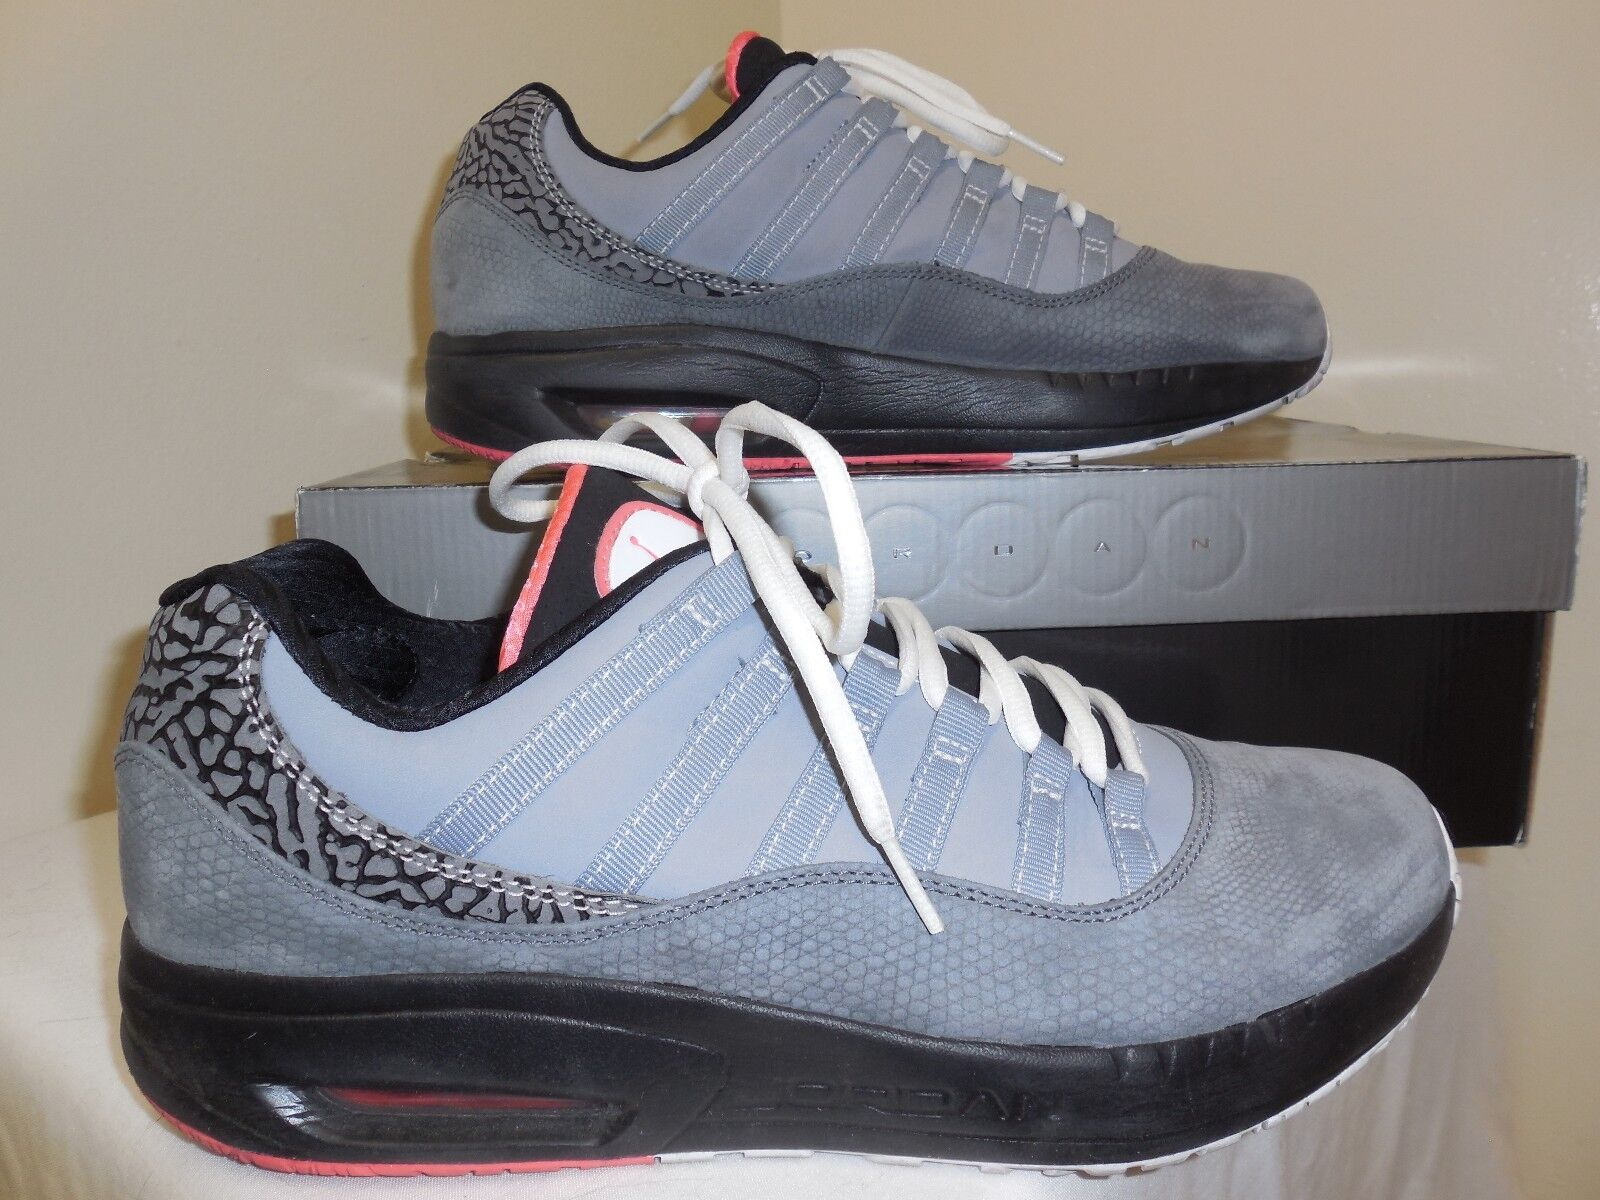 the latest ee048 023c4 NIKE Michael Jordan Sneaker CMFT 41287 Viz Air Max 11 Storlek 11 10 Komfort  Sneaker Basketskor